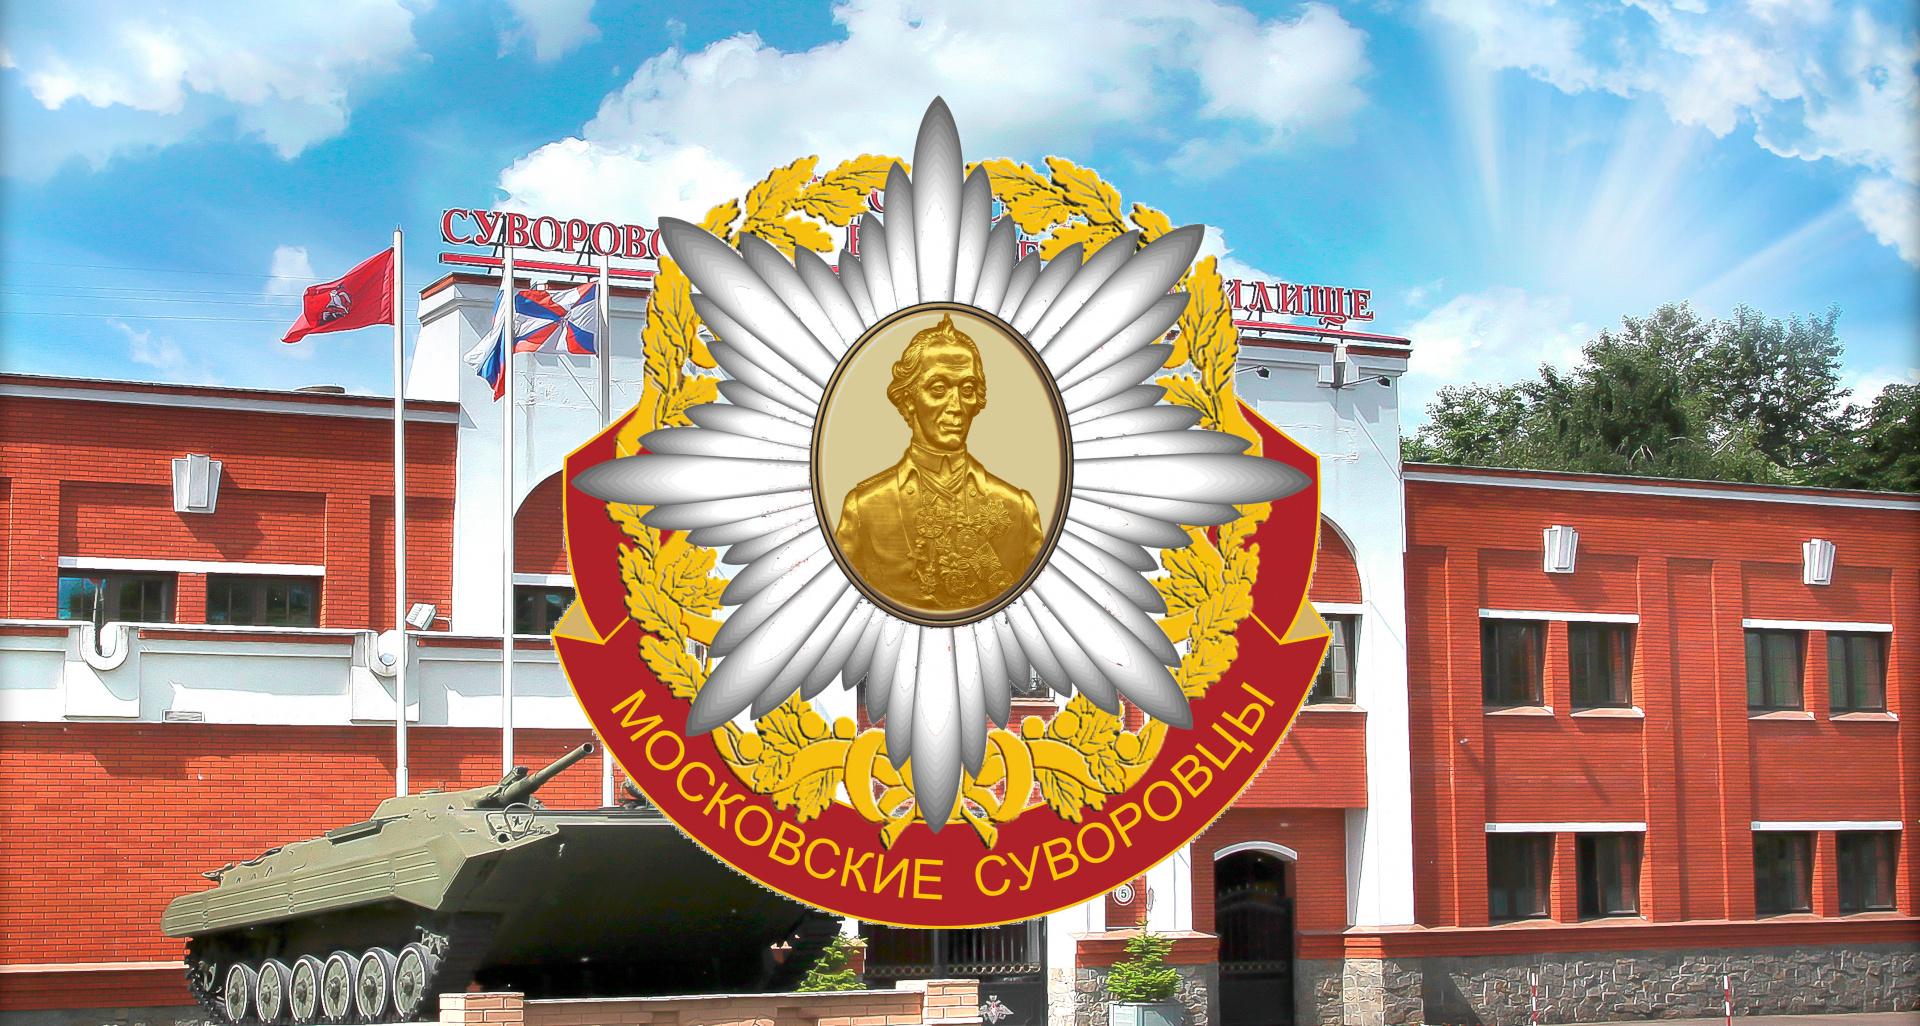 Московским суворовцам - 11 лет (1).jpg